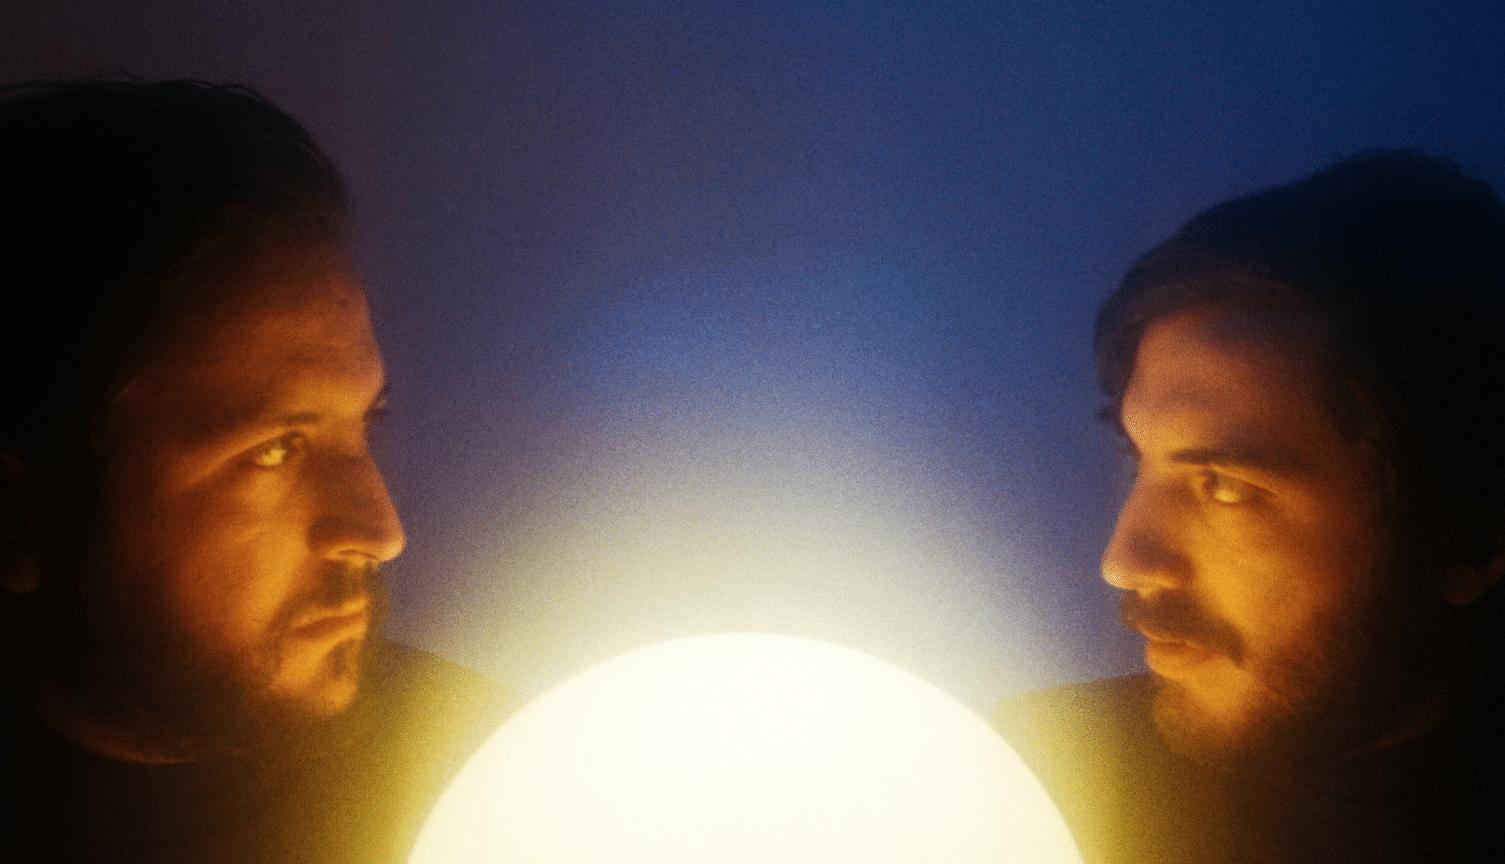 Metereo: Una vibra funky, espacial y de elegancia en el nuevo sencillo de Clubz